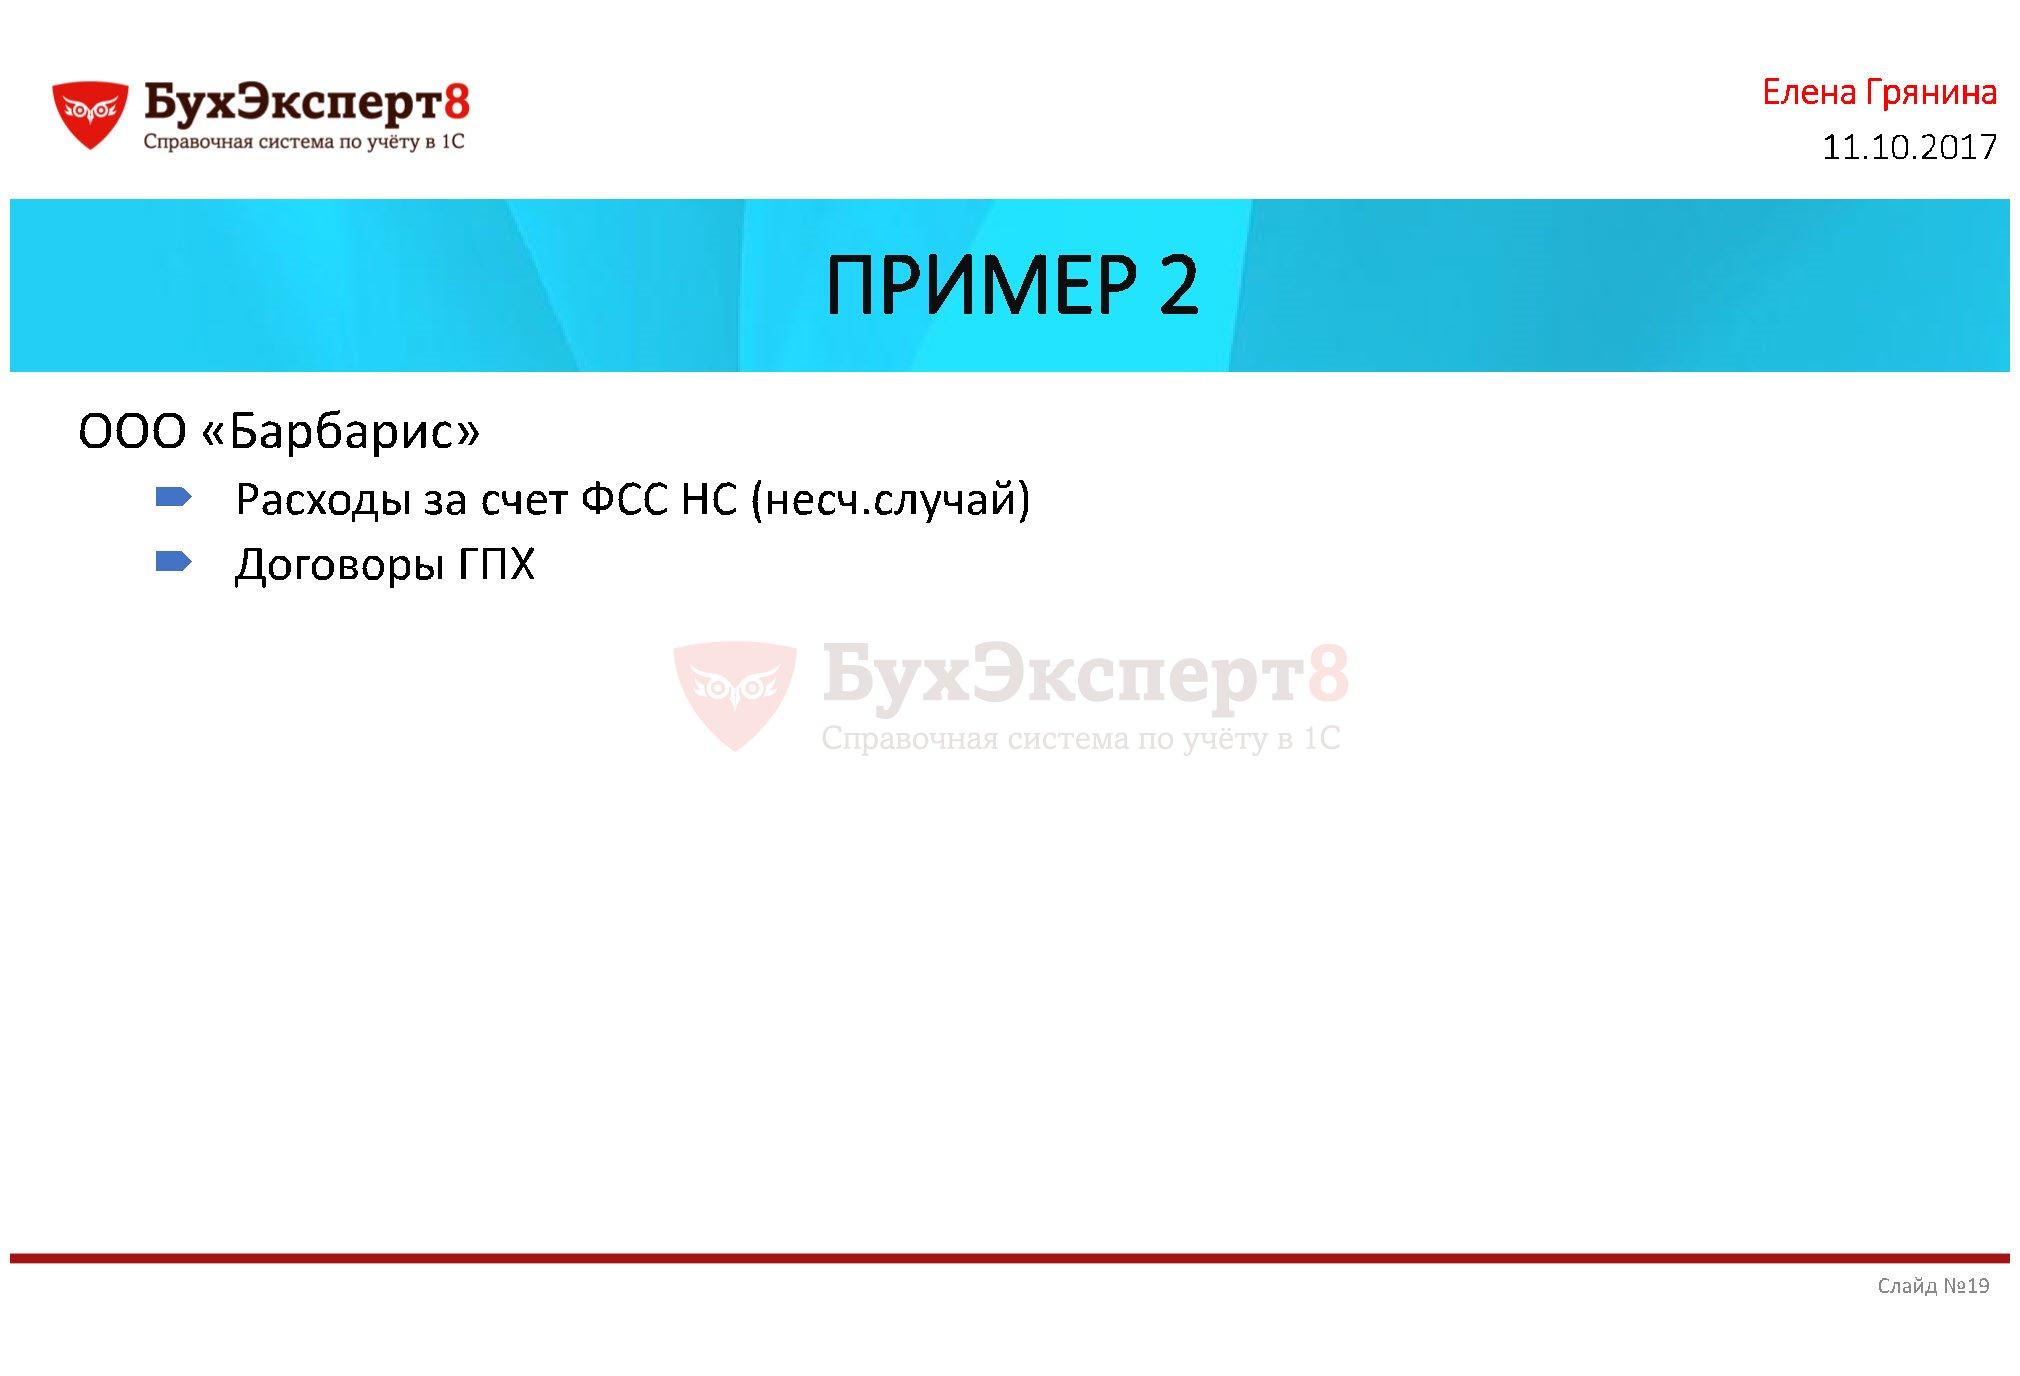 ПРИМЕР 2 ООО «Барбарис» Расходы за счет ФСС НС (несч.случай) Договоры ГПХ